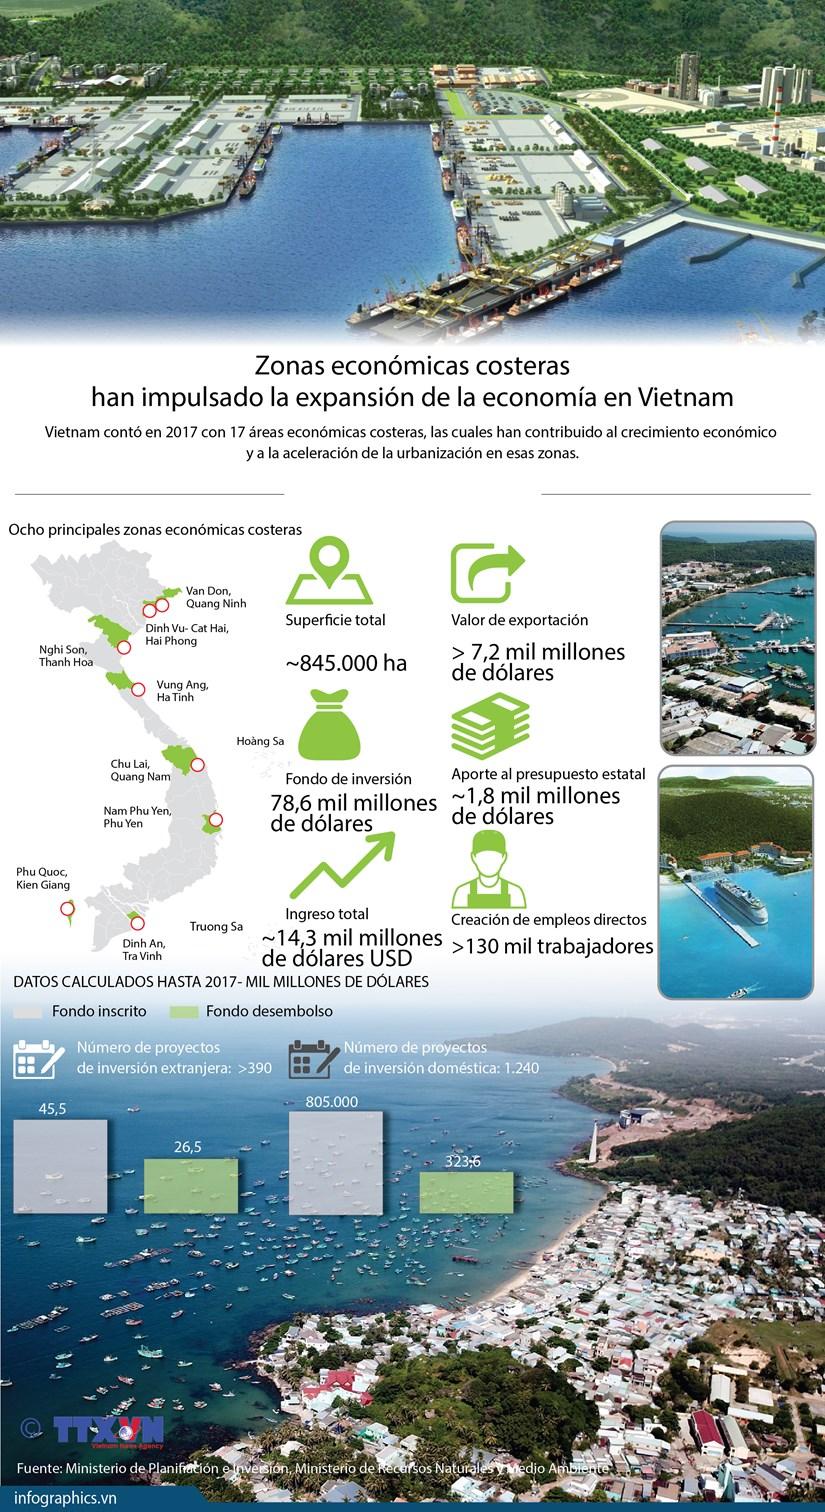 [Info] Zonas economicas costeras han impulsado la expansion de la economia en Vietnam hinh anh 1